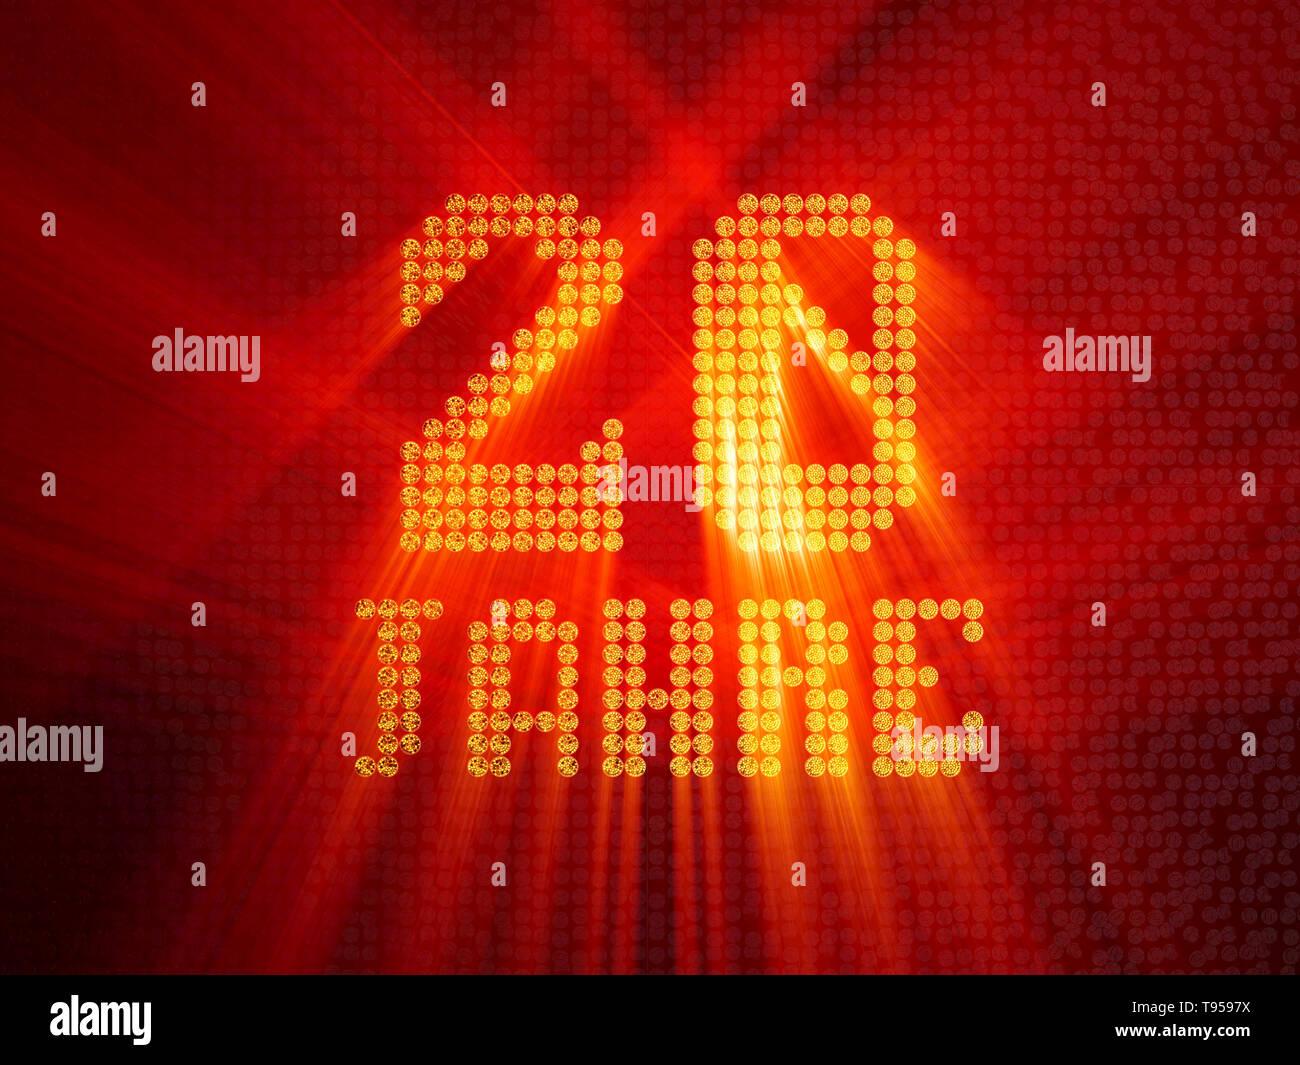 Tedesco Numero d'oro venti anni (numero venti anni) font tratteggiata, vista dall'alto, con i raggi di luce. 3D illustrazione Immagini Stock